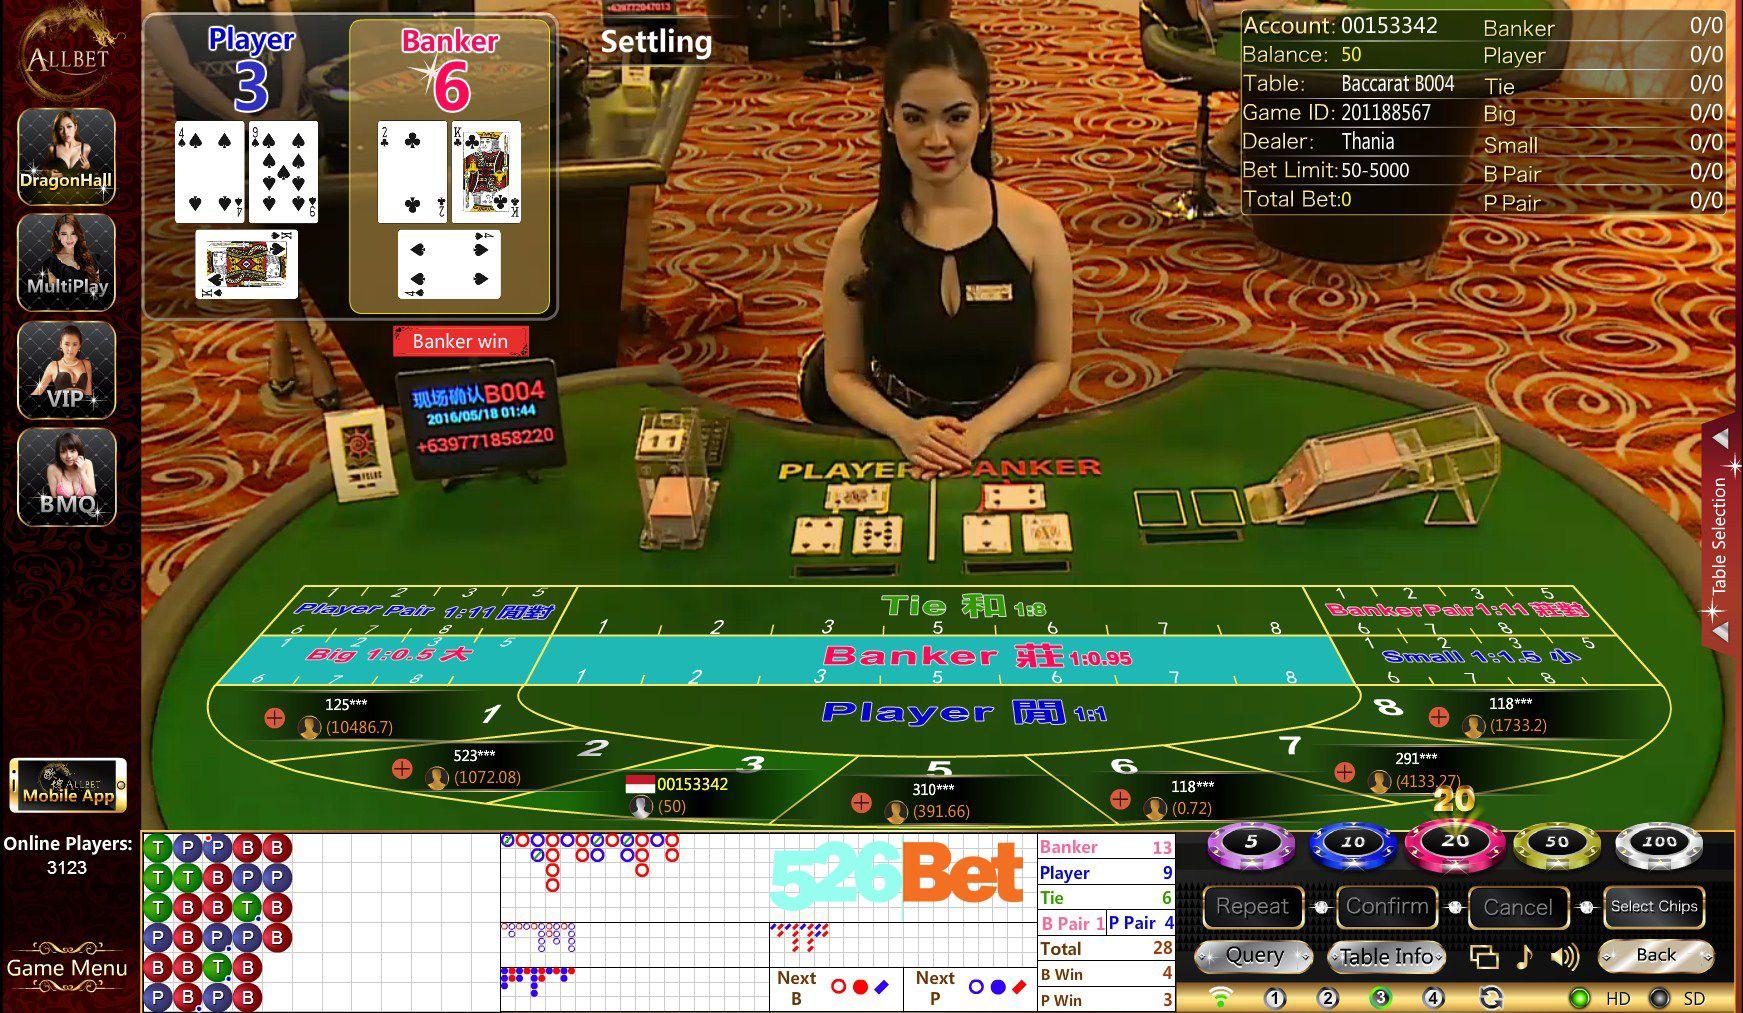 ganar dinero real jugando tragamonedas